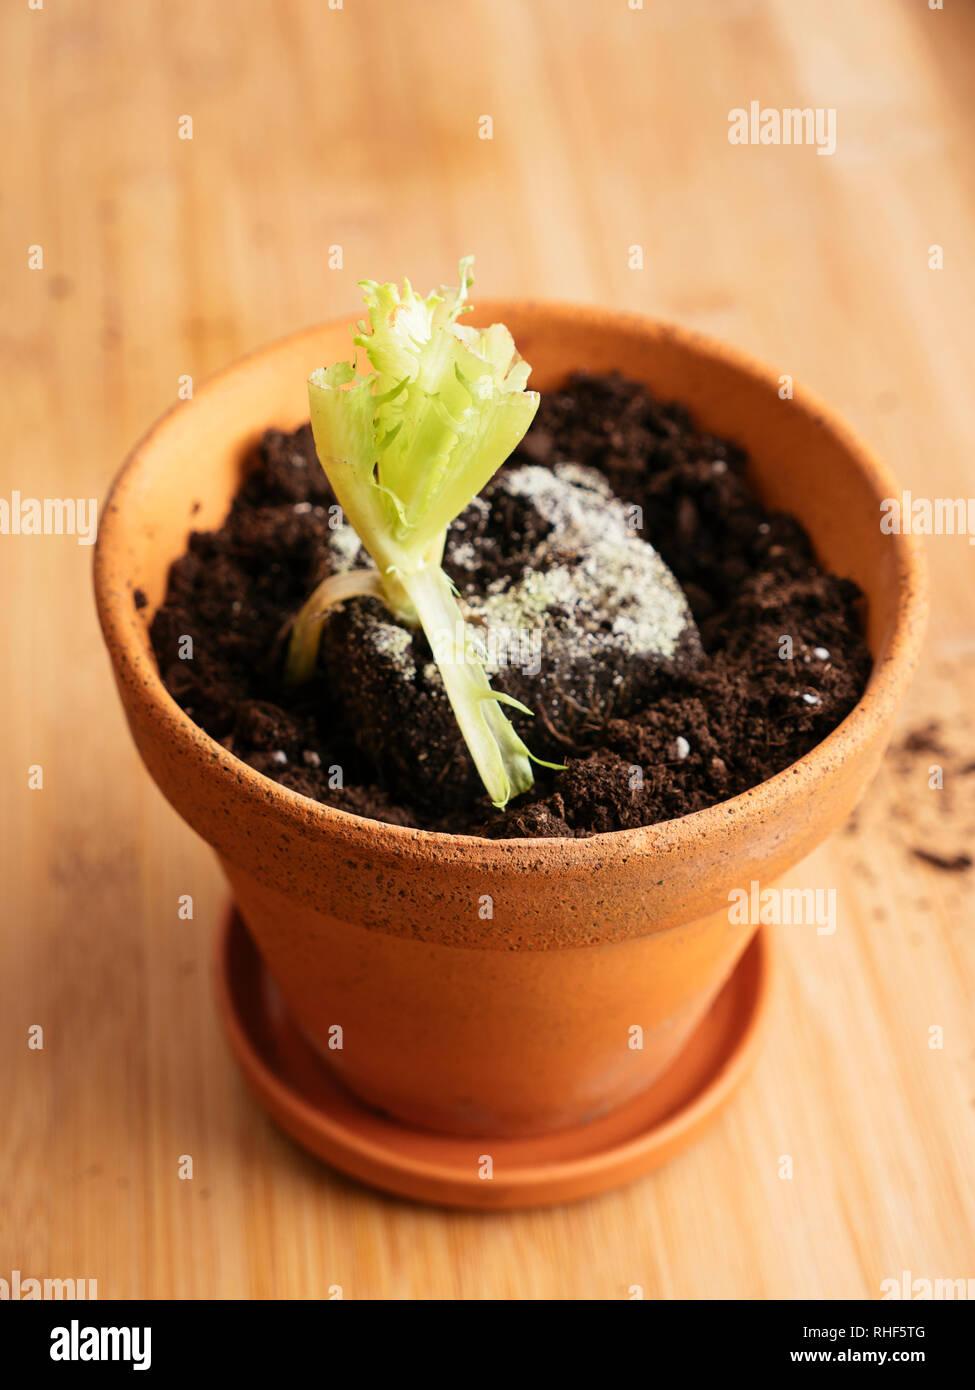 Trozos de lechuga con raíces replantados en una olla para producir una nueva lechuga. Foto de stock